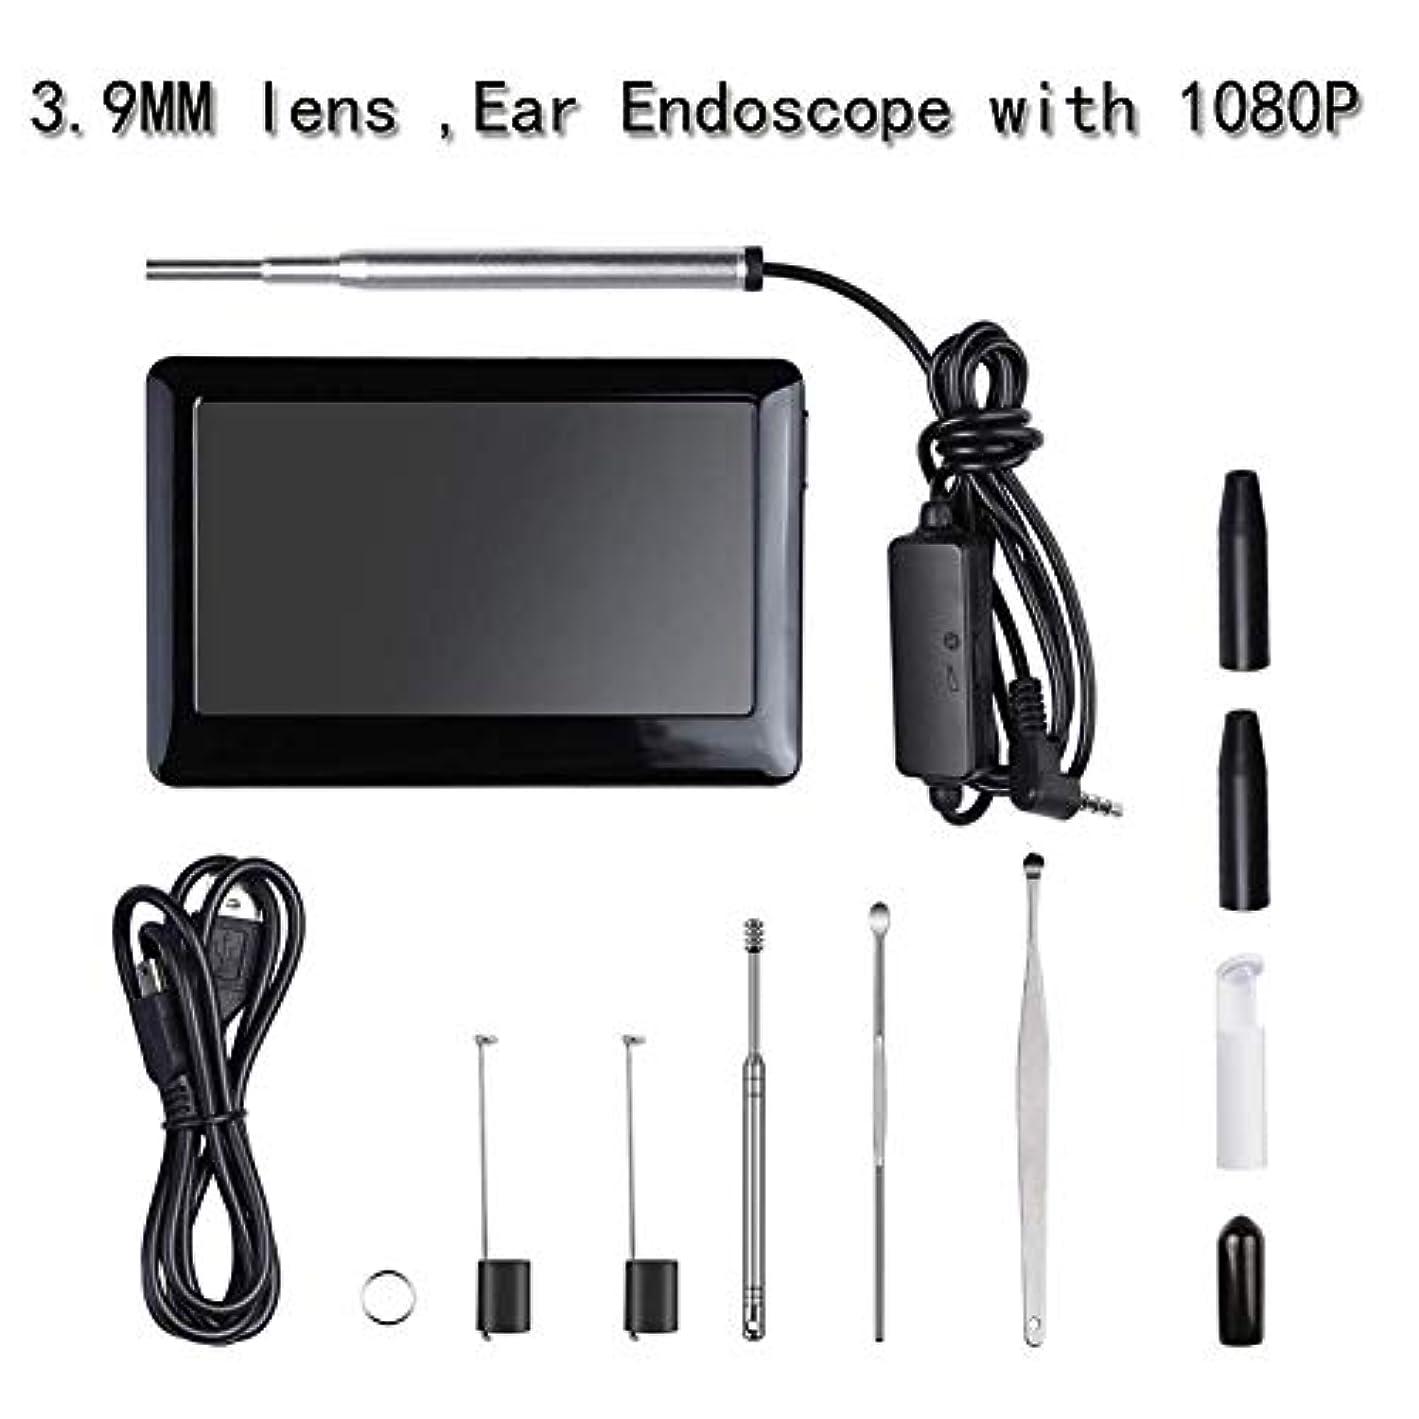 置換数学剃るデジタル耳内視鏡1080 P HD耳検査カメラ耳ワックスクリーニングツール